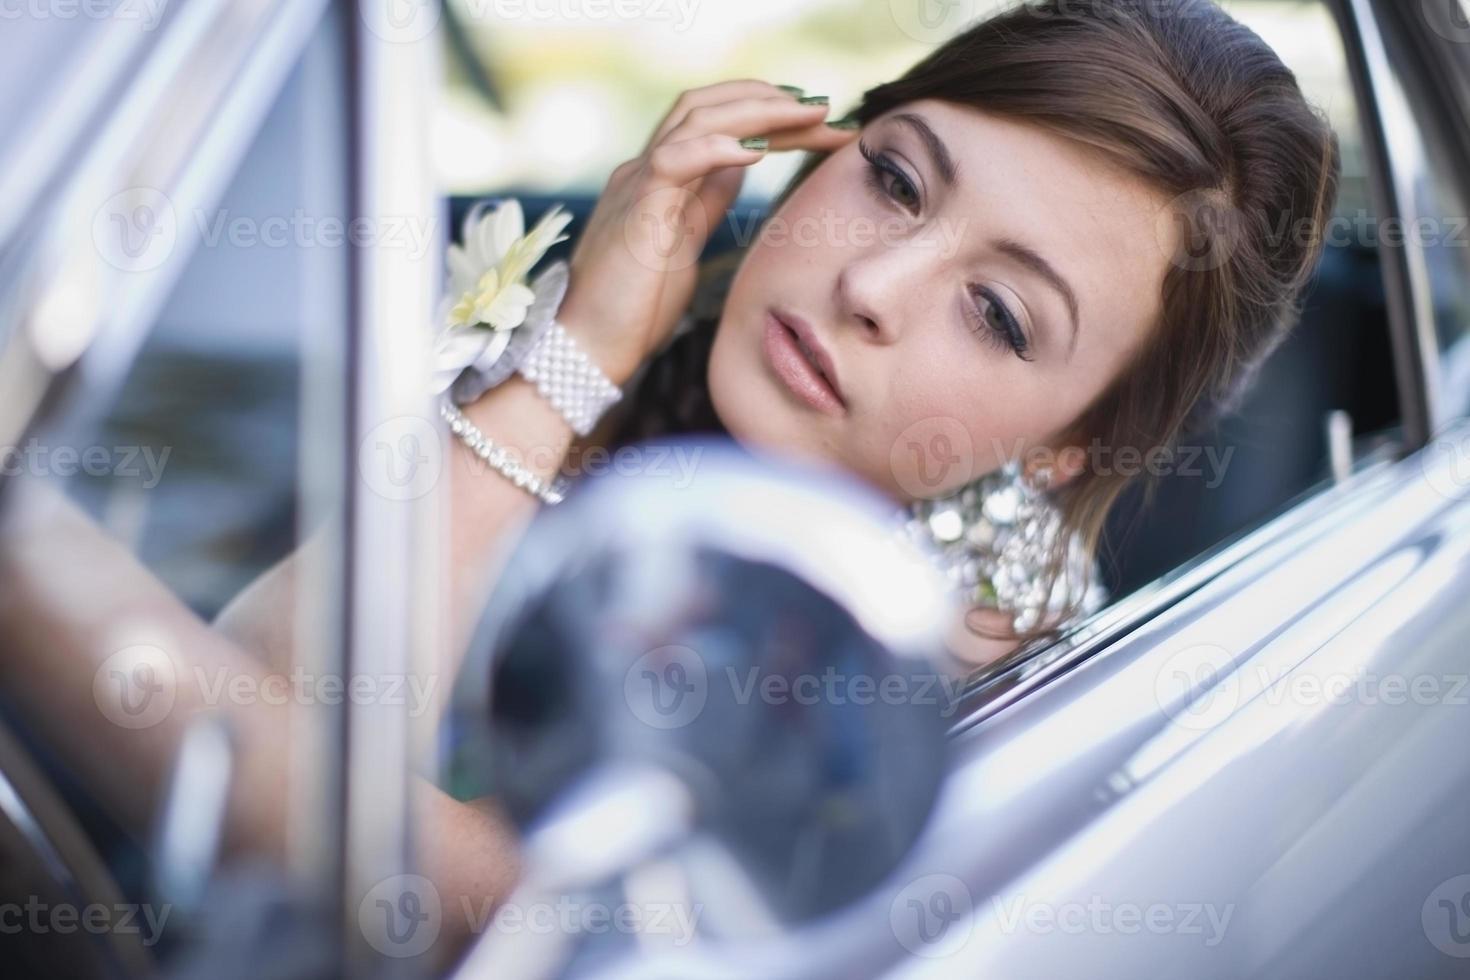 adolescente, verificando a maquiagem no carro foto